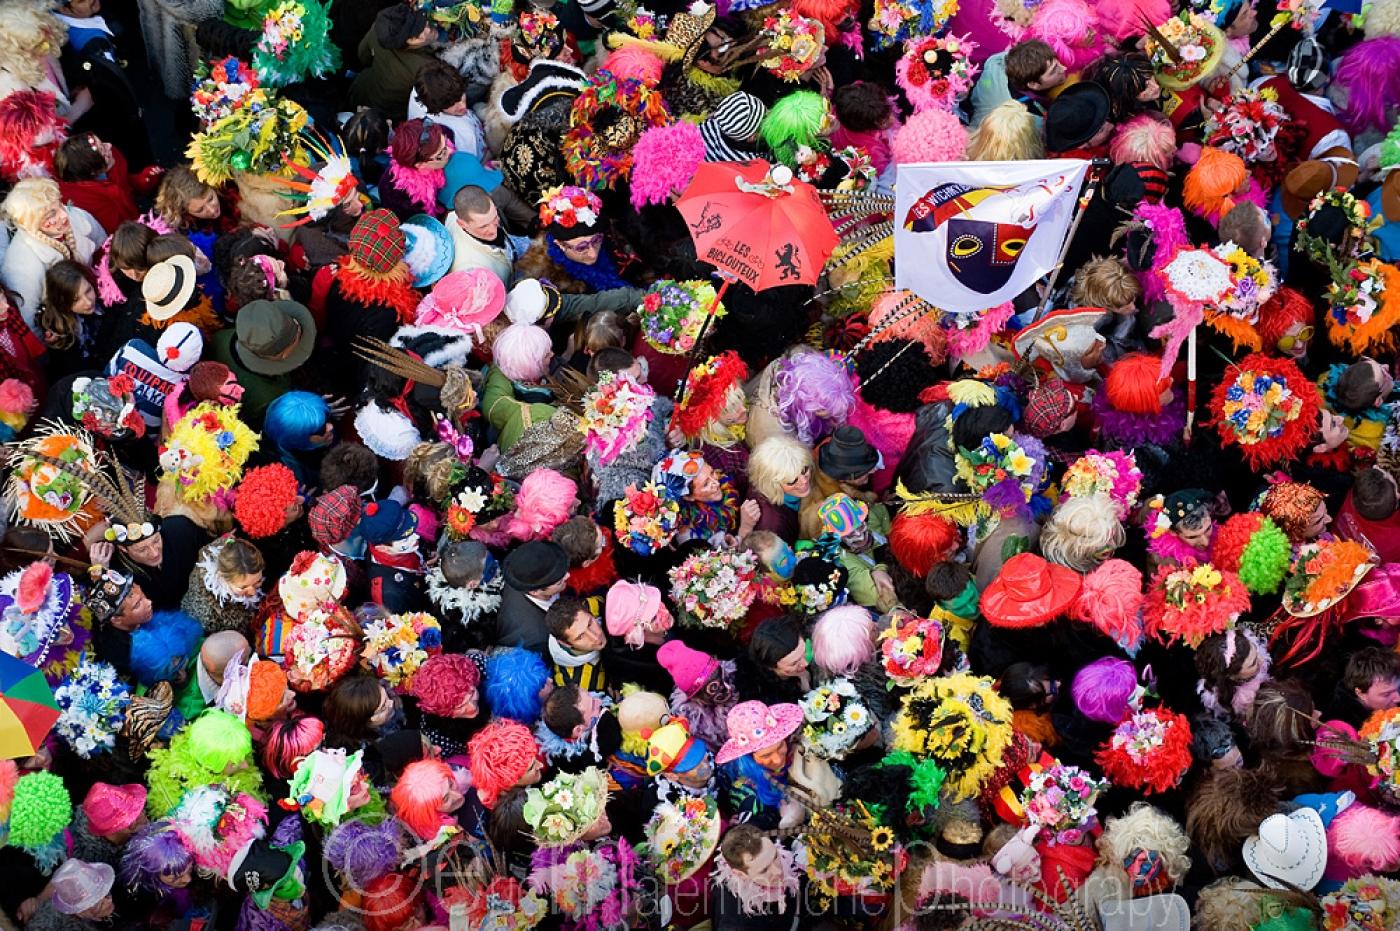 https://www.ericmalemanche.com/imagess/topics/carnaval-de-dunkerque/liste/Carnaval-Dunkerque-0562.jpg